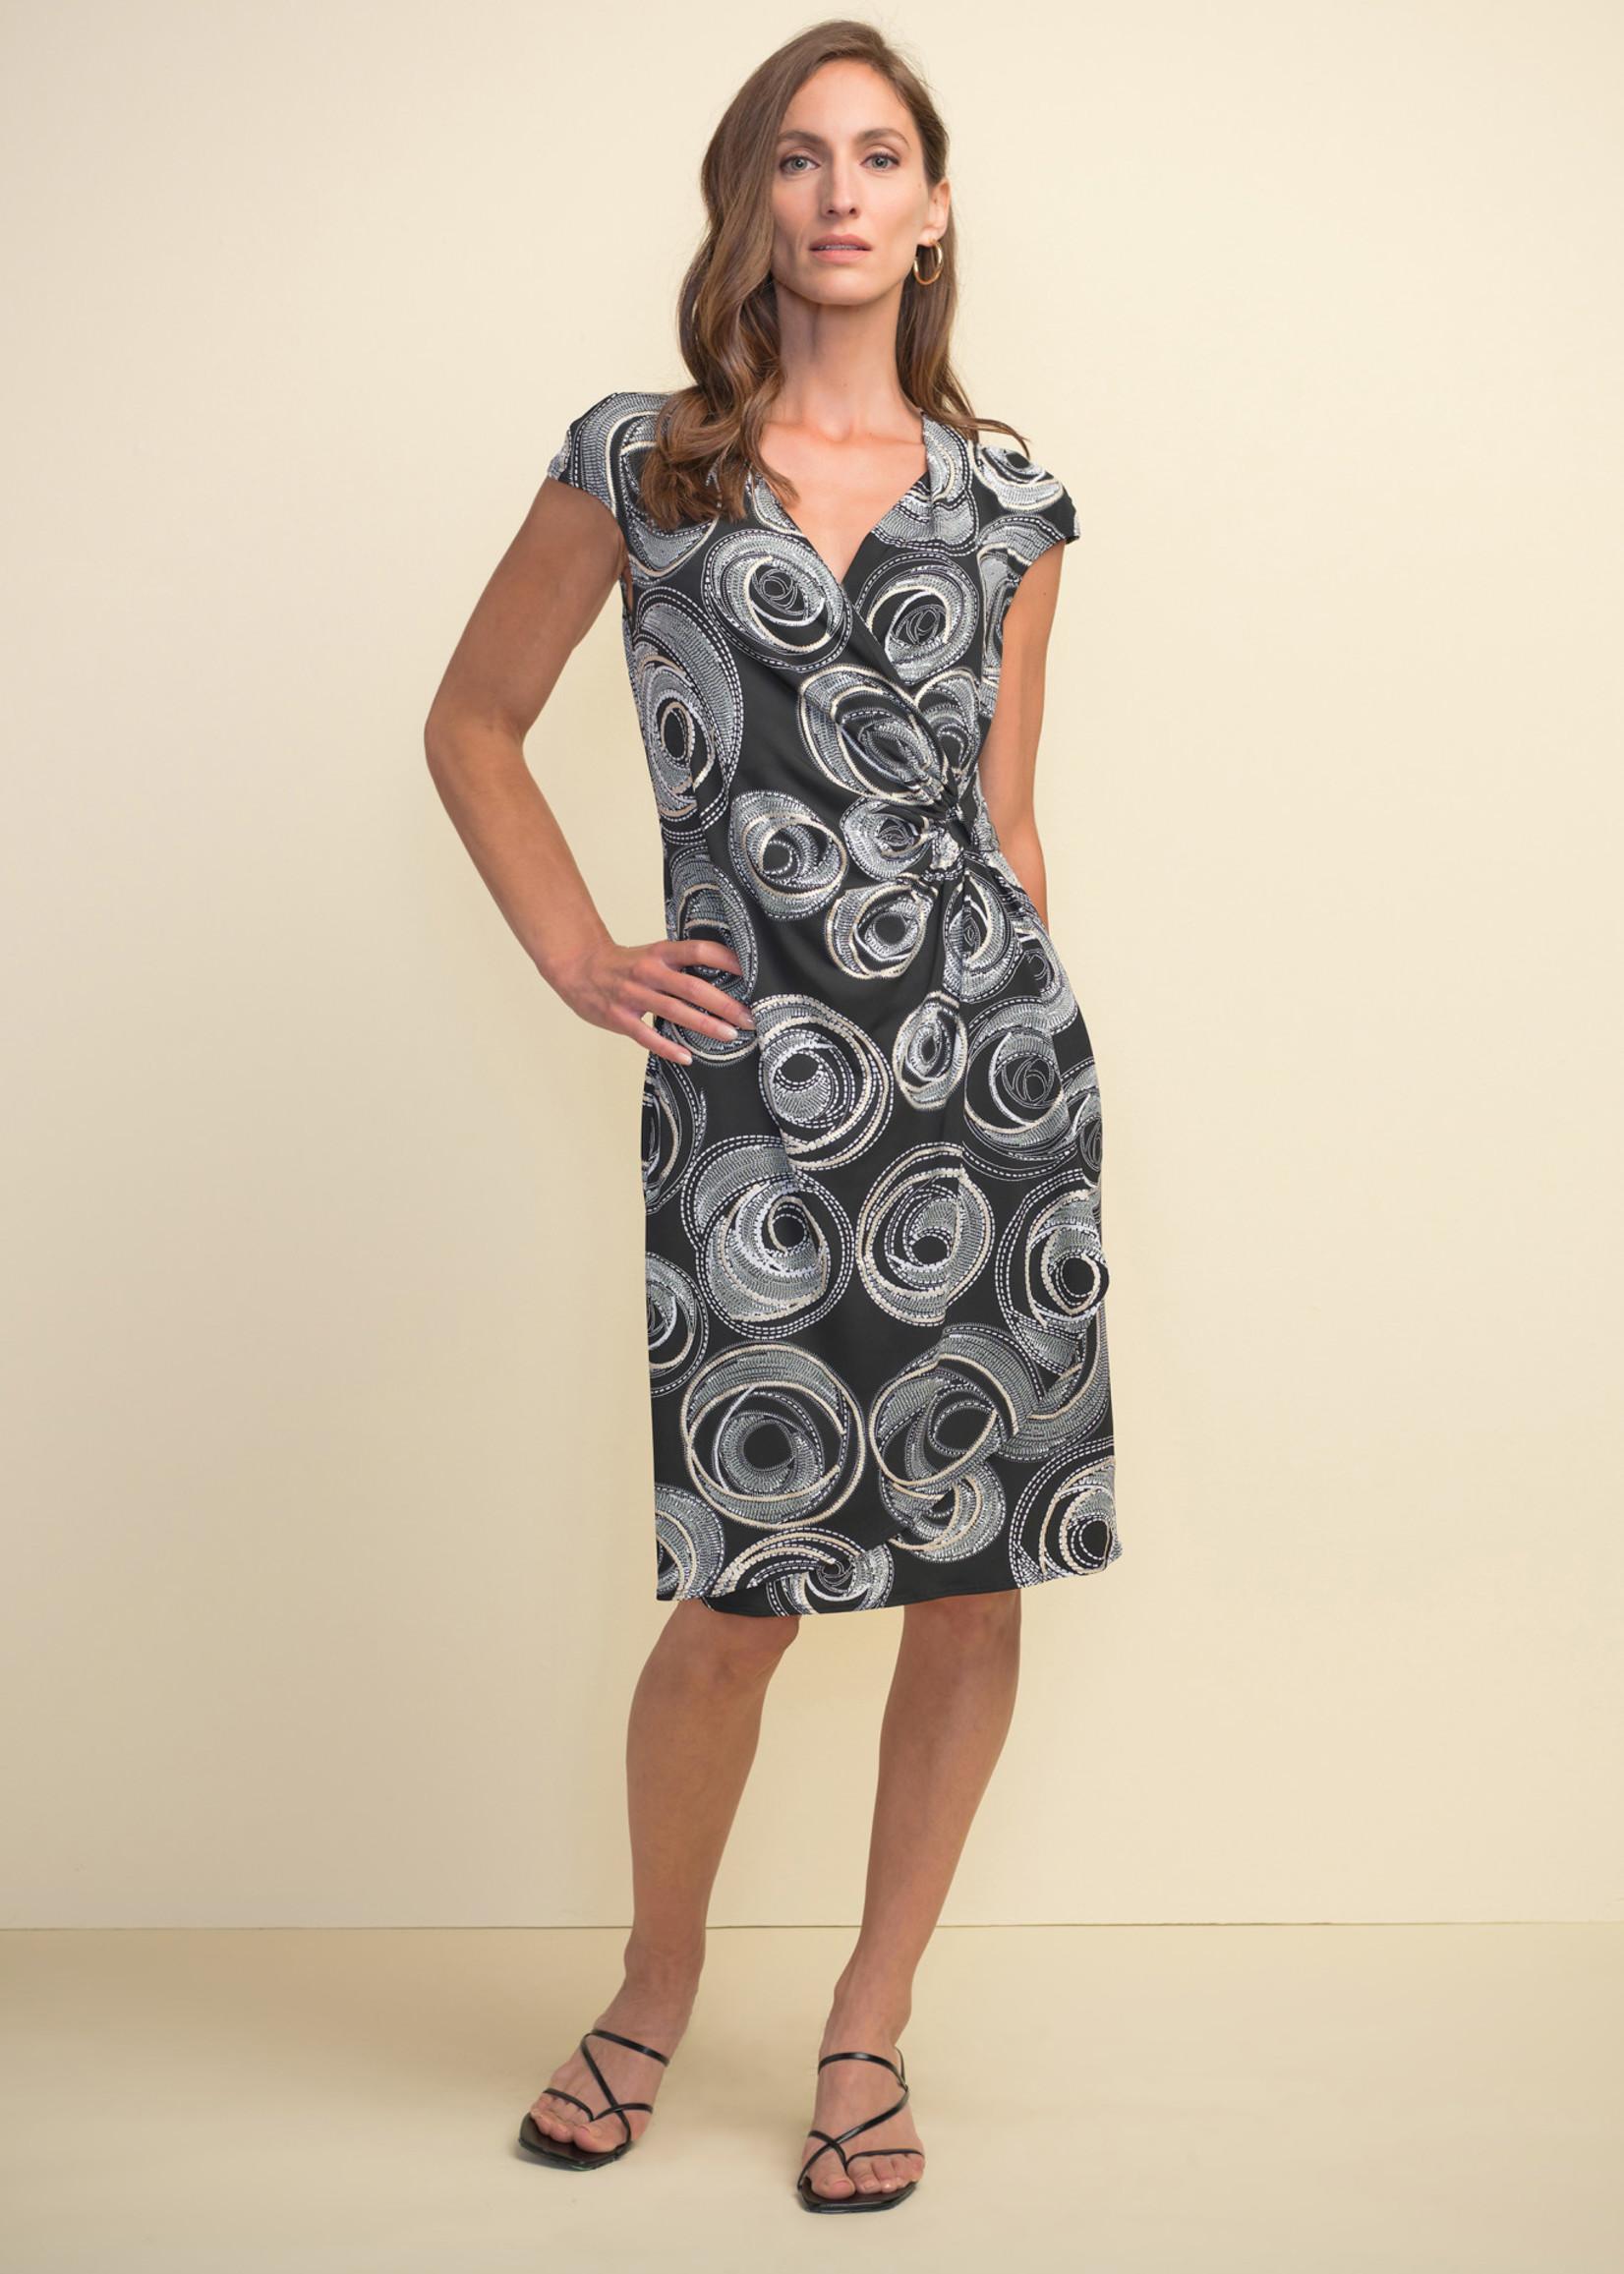 Joseph Ribkoff Joseph Ribkoff Circle Motif Dress